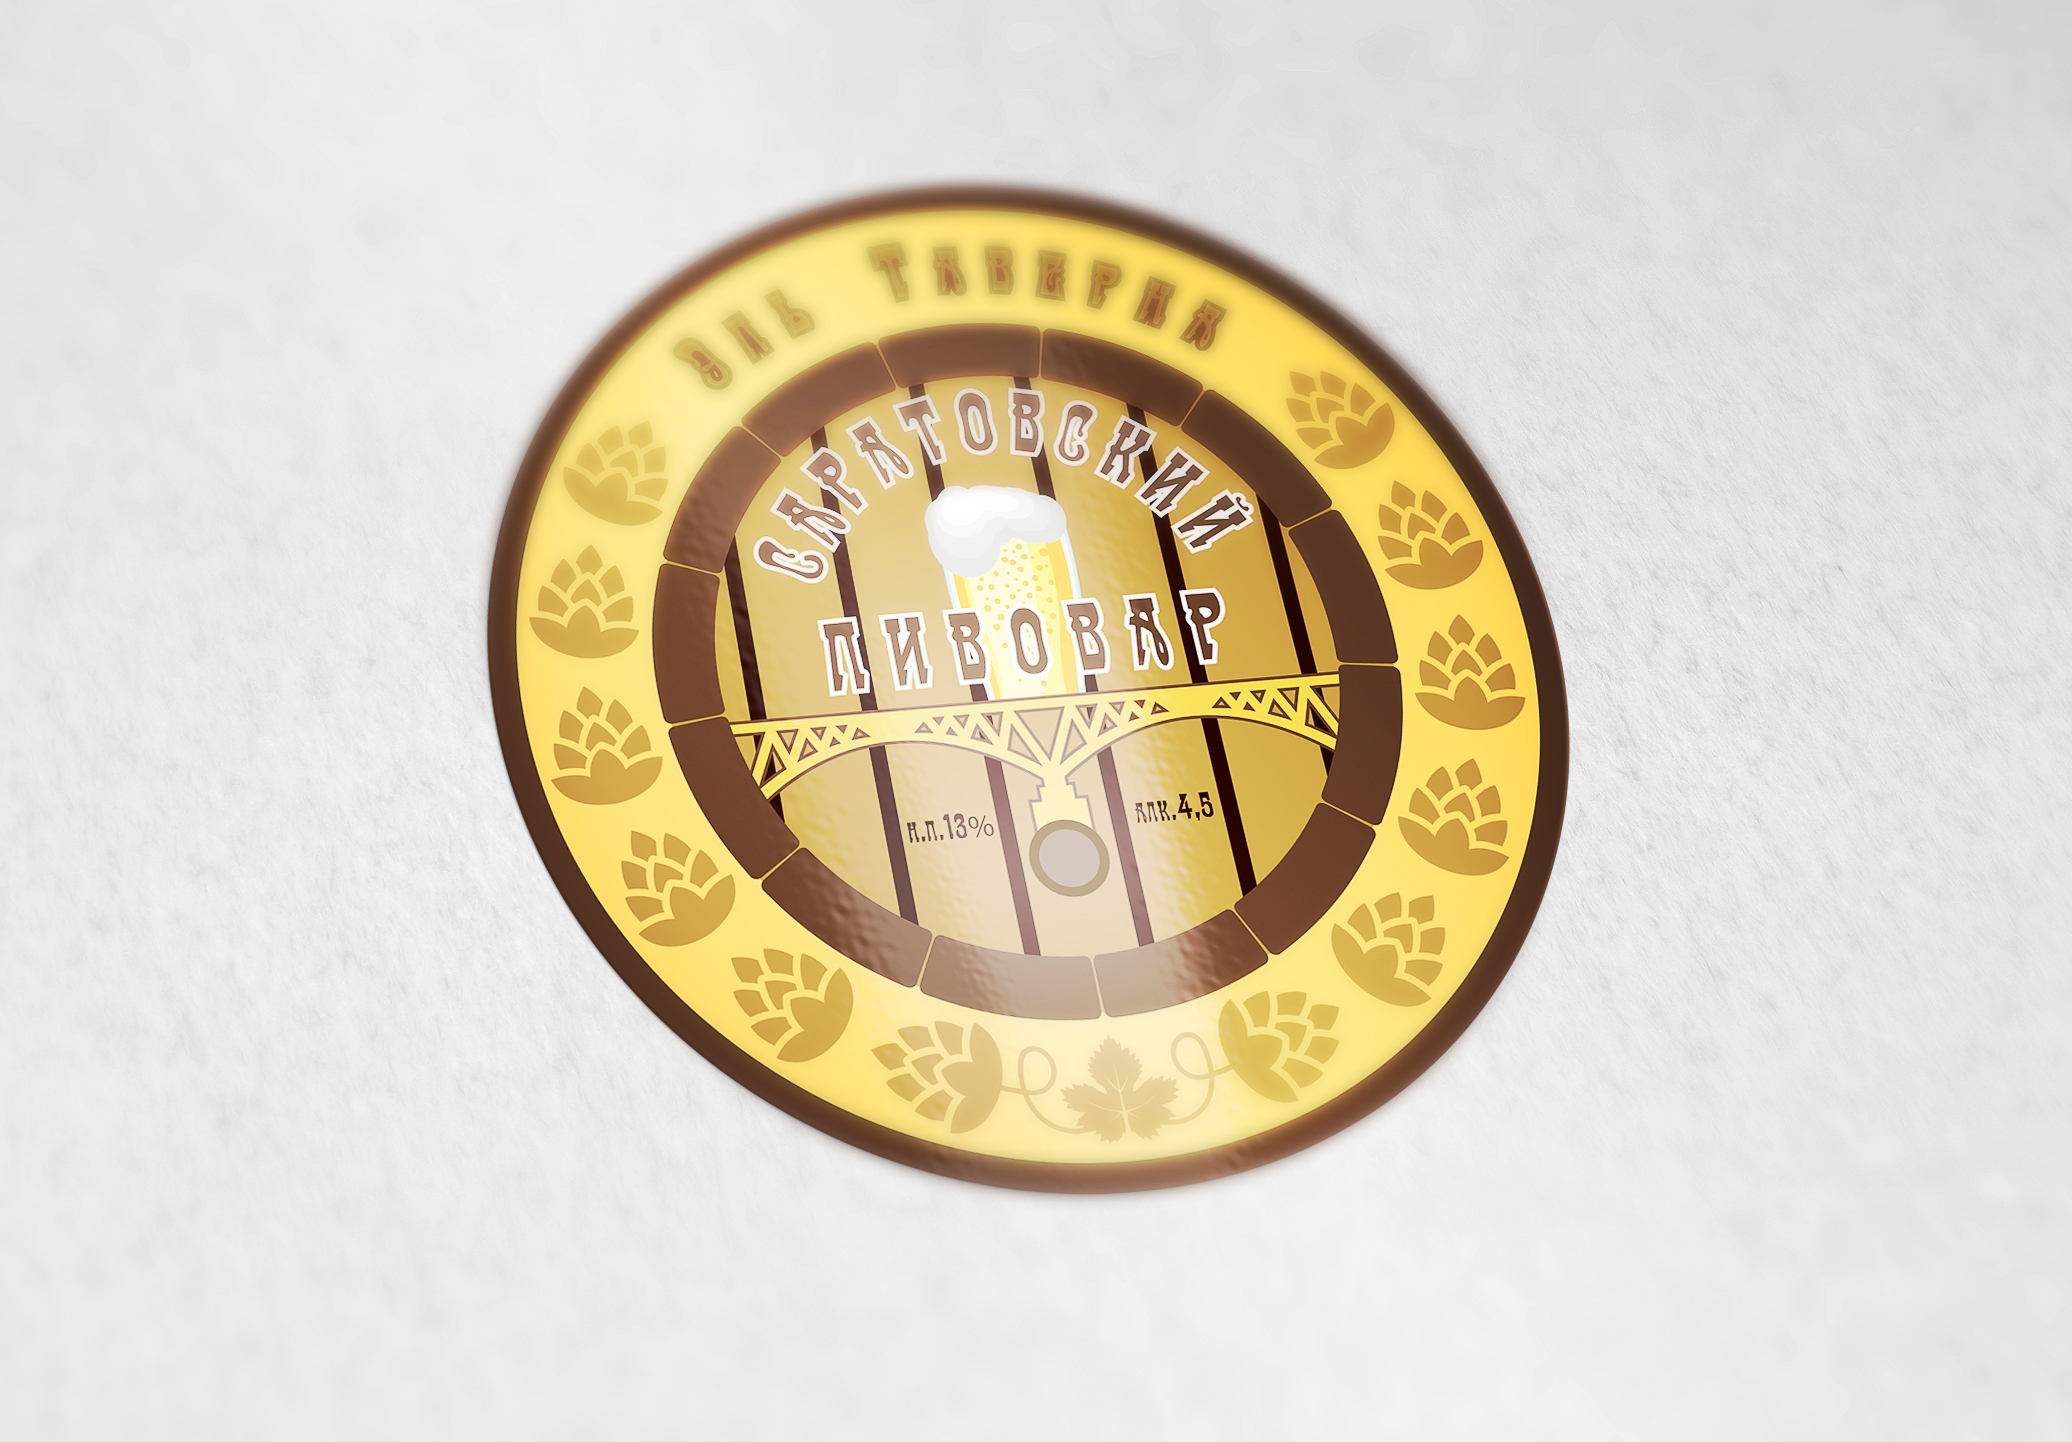 Разработка логотипа для частной пивоварни фото f_1075d78fa9a36b69.jpg